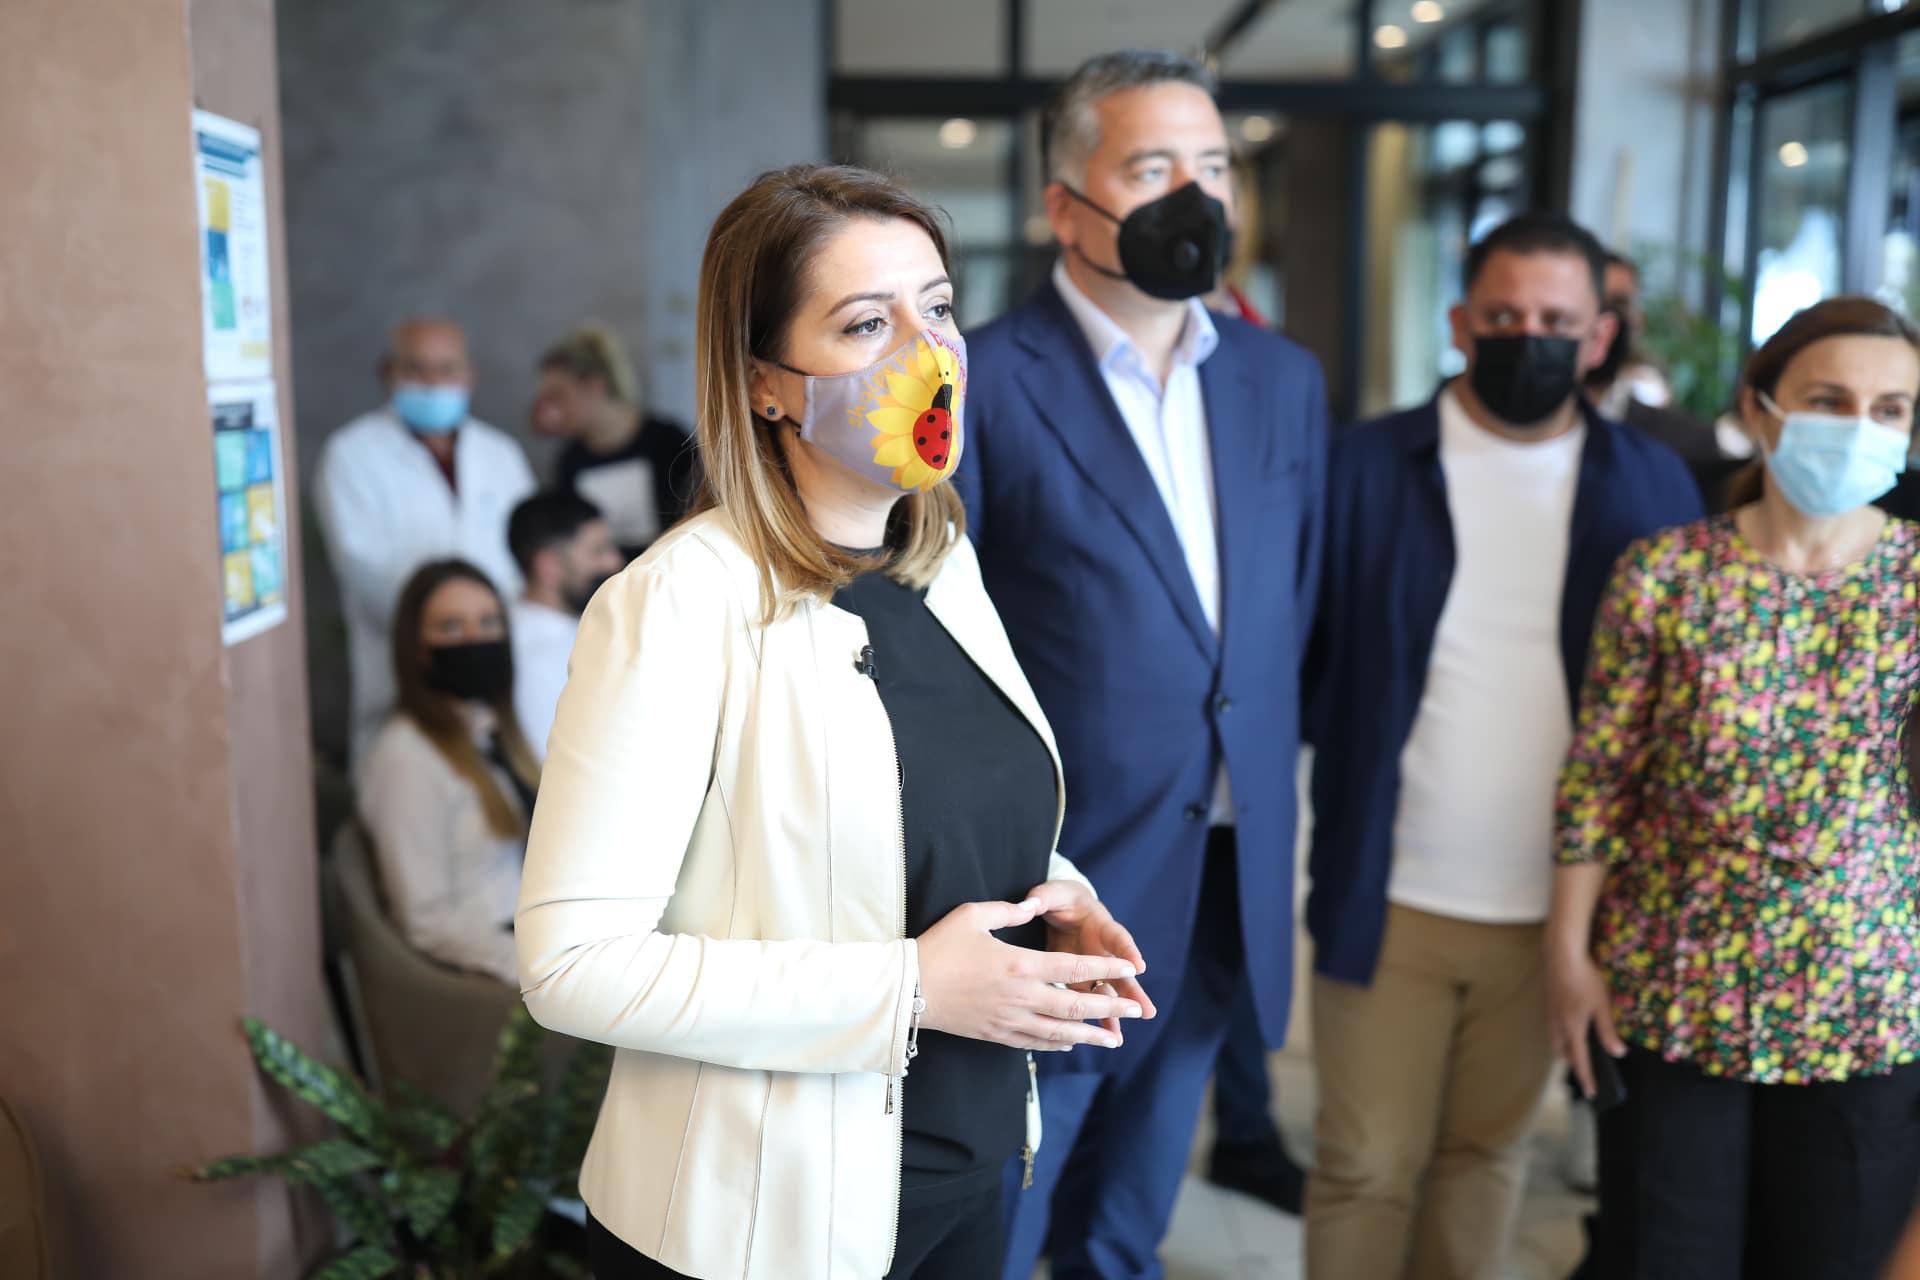 Vaksinimi i operatorëve turistike, Manastirliu: Do të përfundojë brenda majit